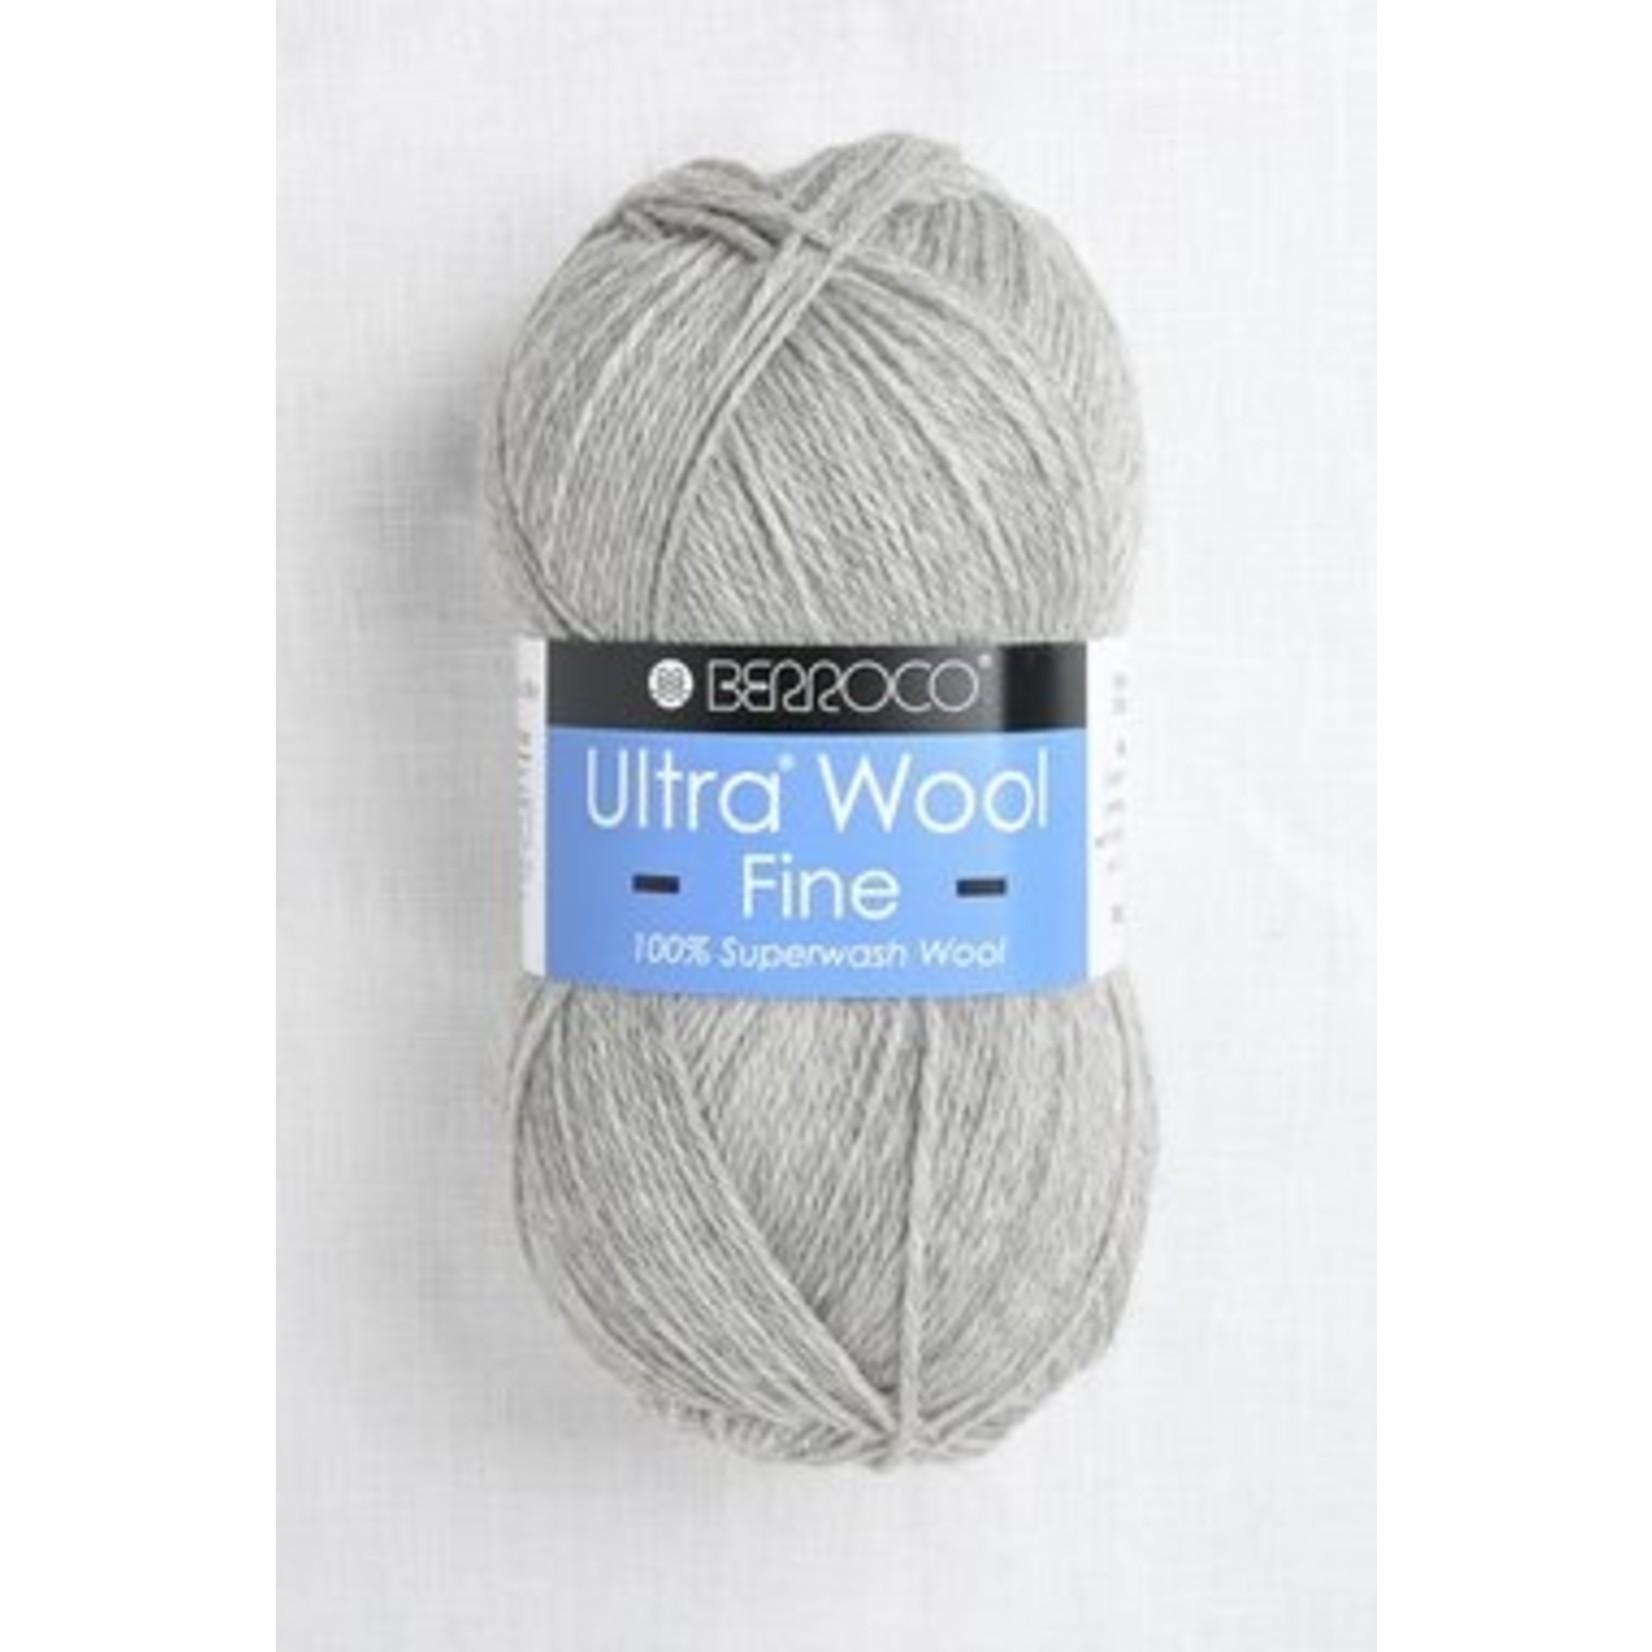 Berroco Berroco Ultra Wool Fine, 53108, Frost